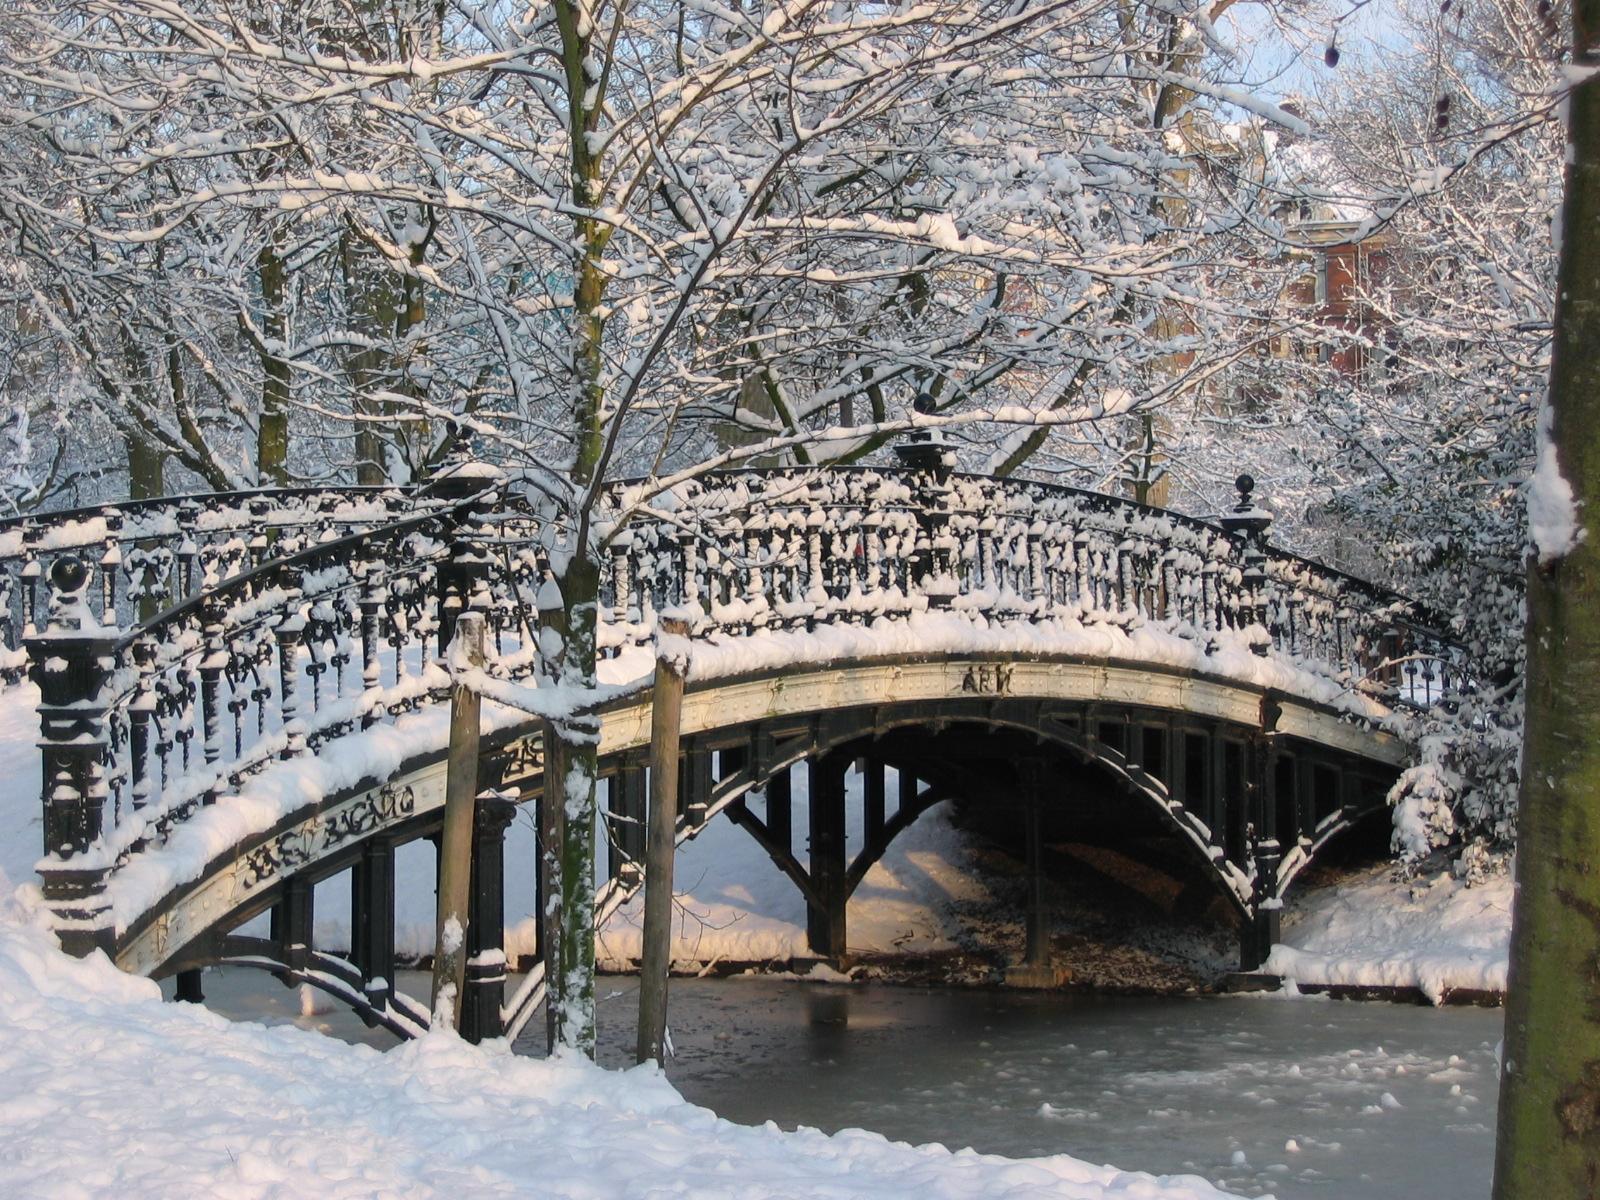 Primer nieve y un regalo  u2013 Andrea Sydow